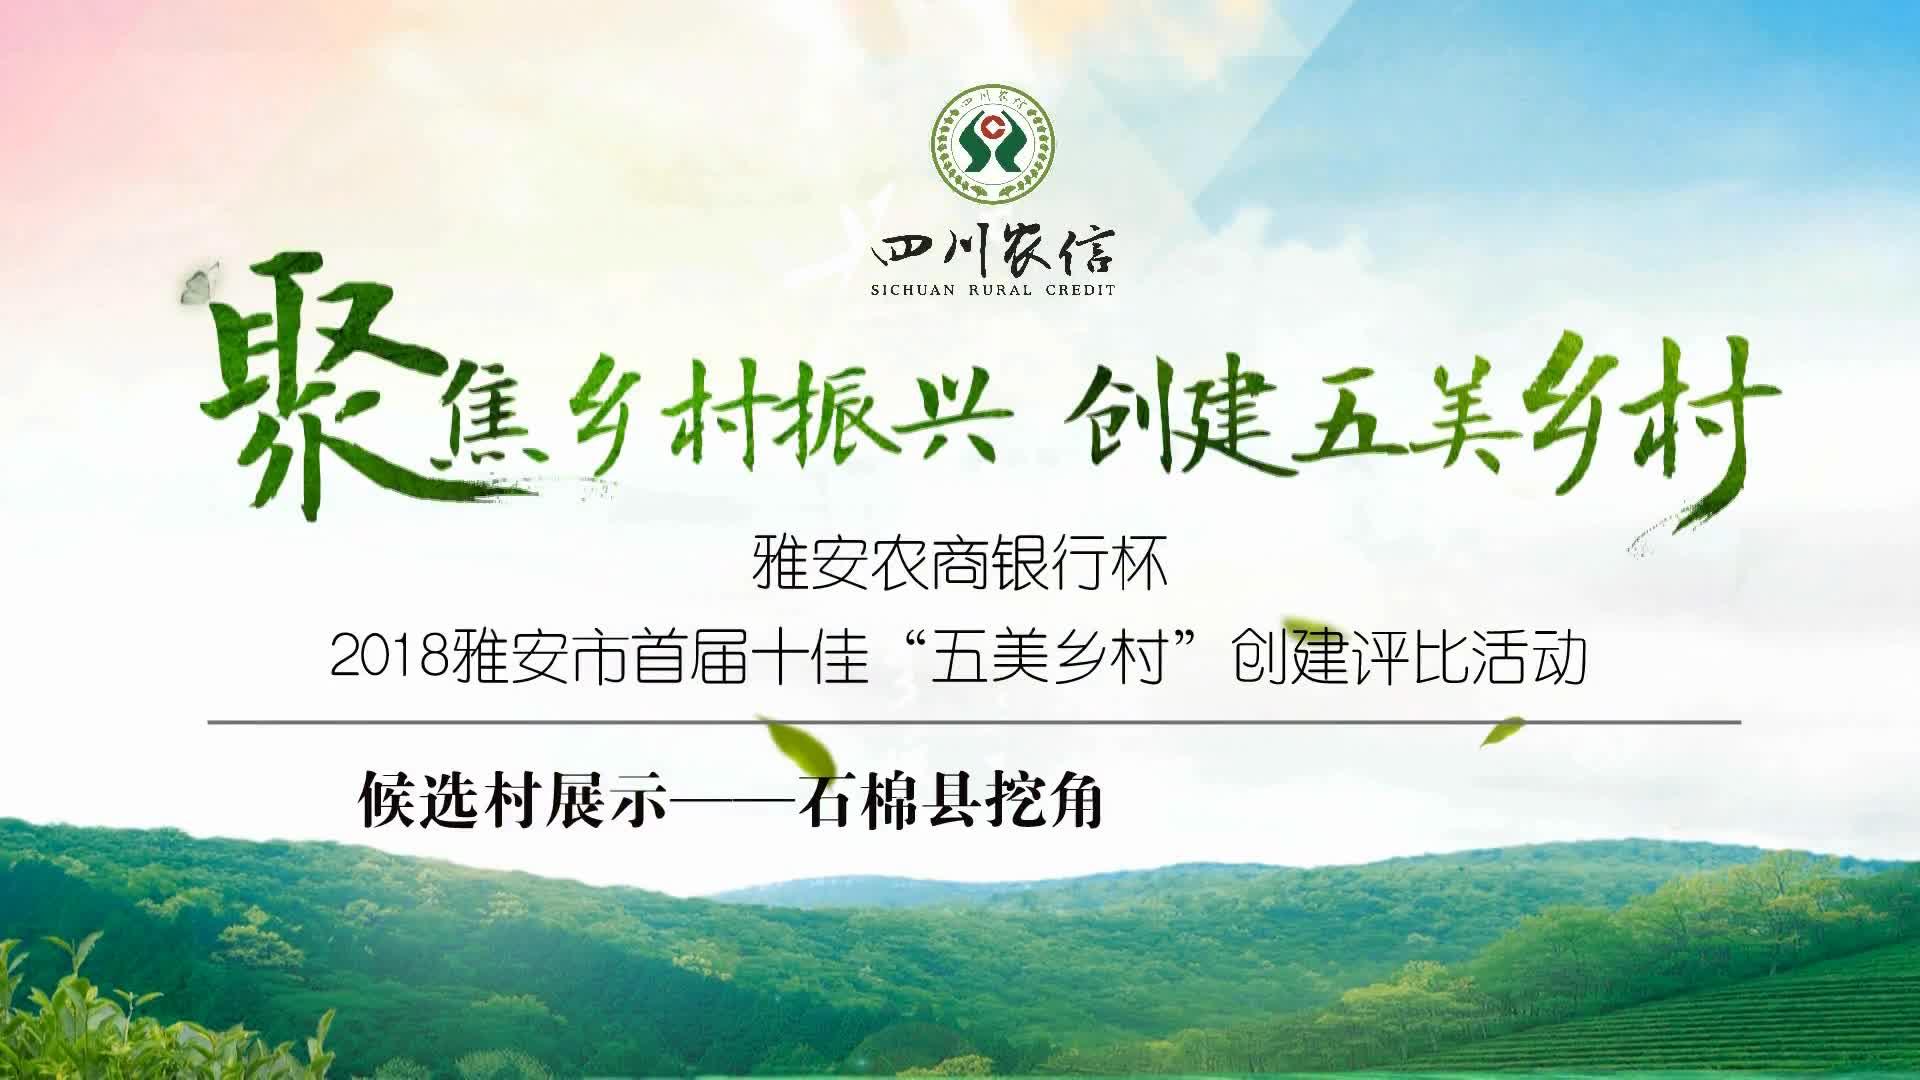 石棉县挖角彝族藏族乡挖角村